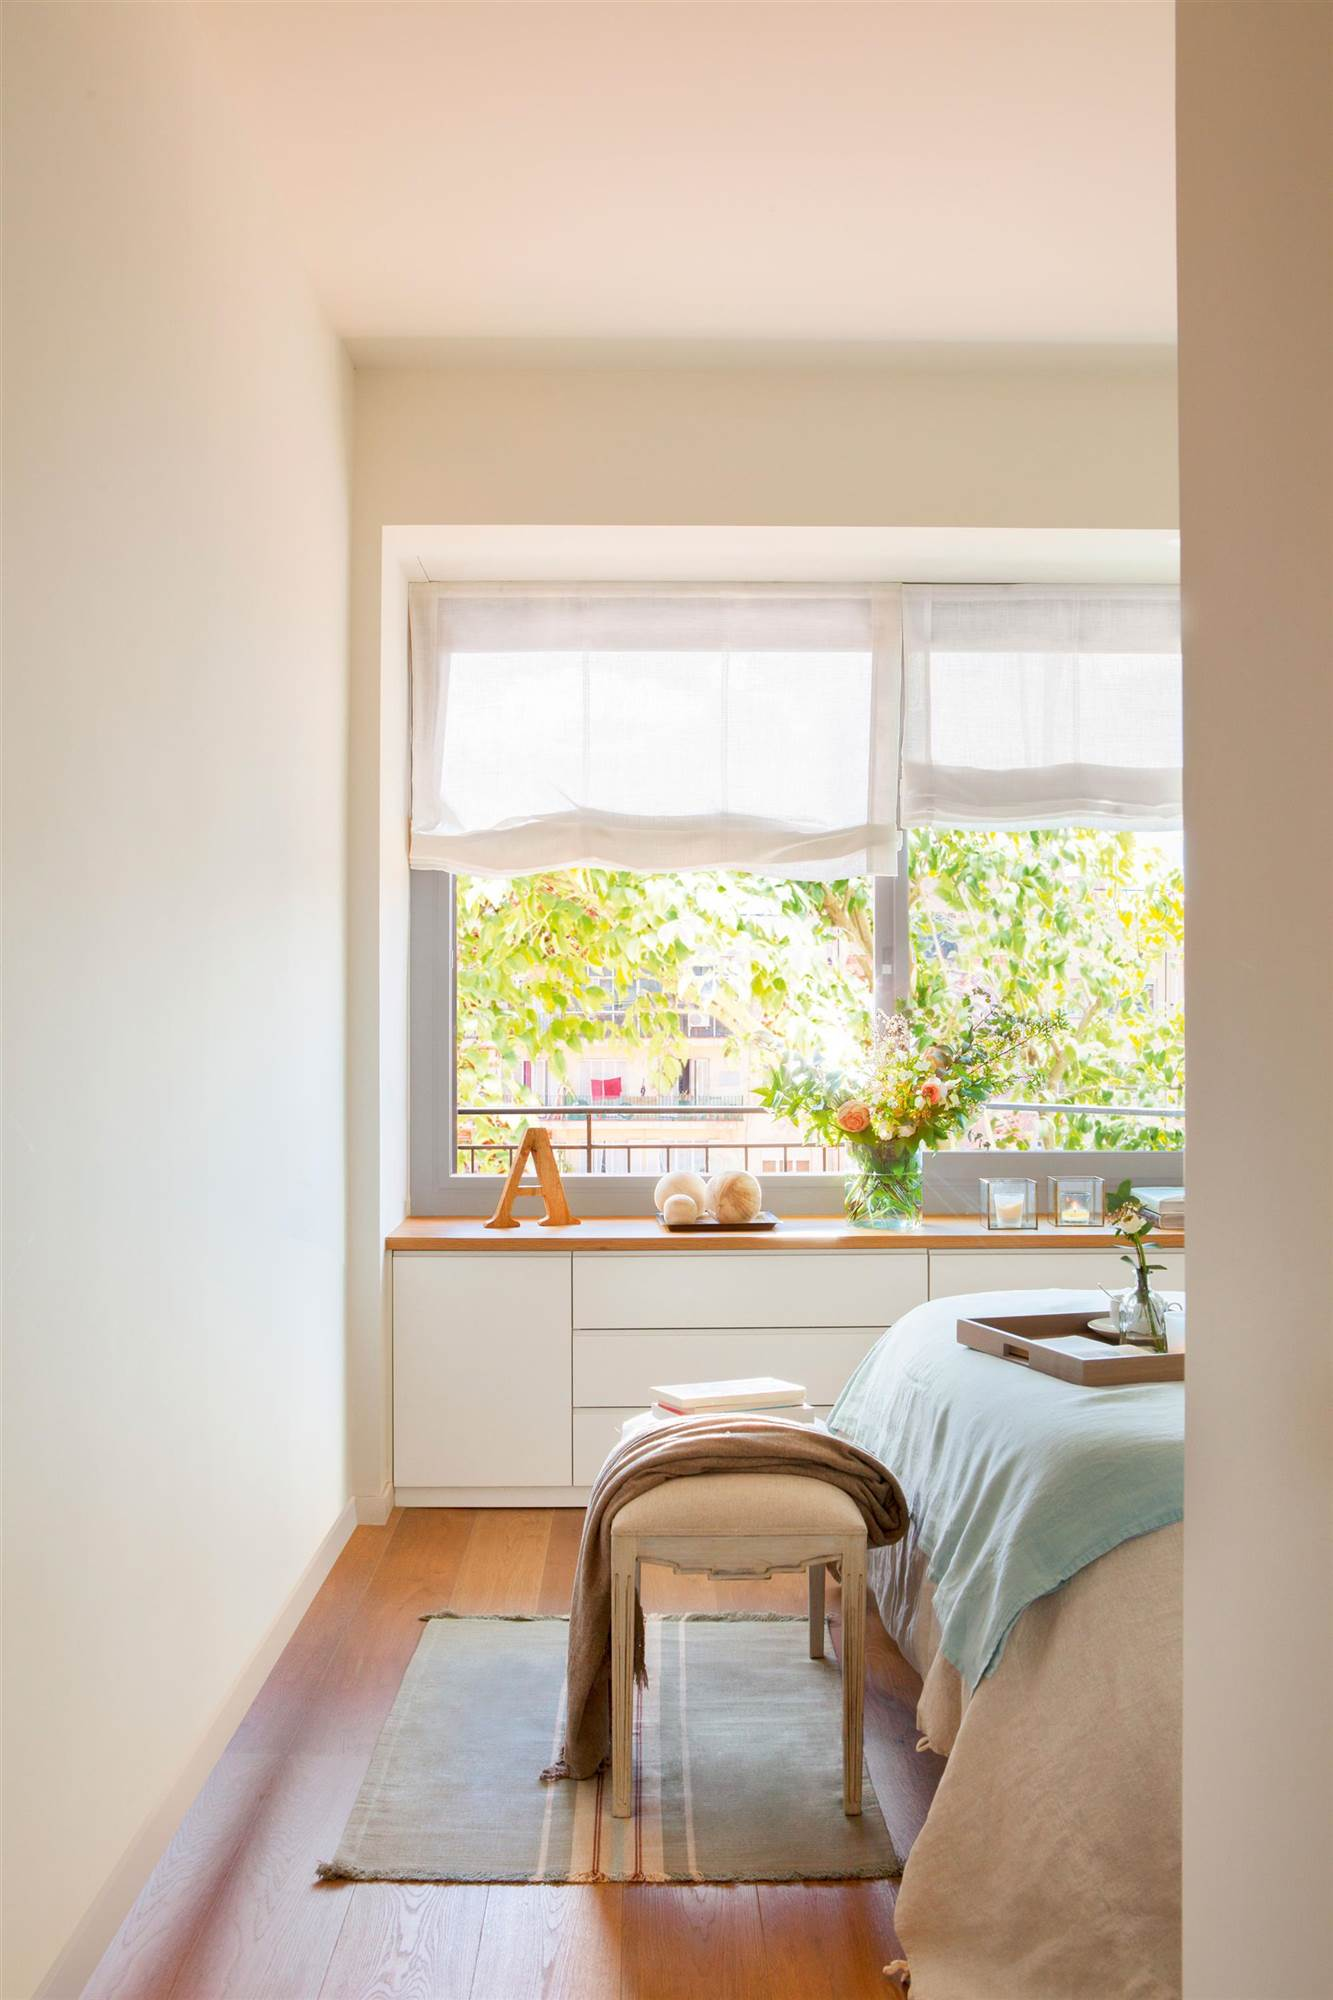 Ideas para aprovechar al m ximo el dormitorio - Aprovechar espacio dormitorio ...